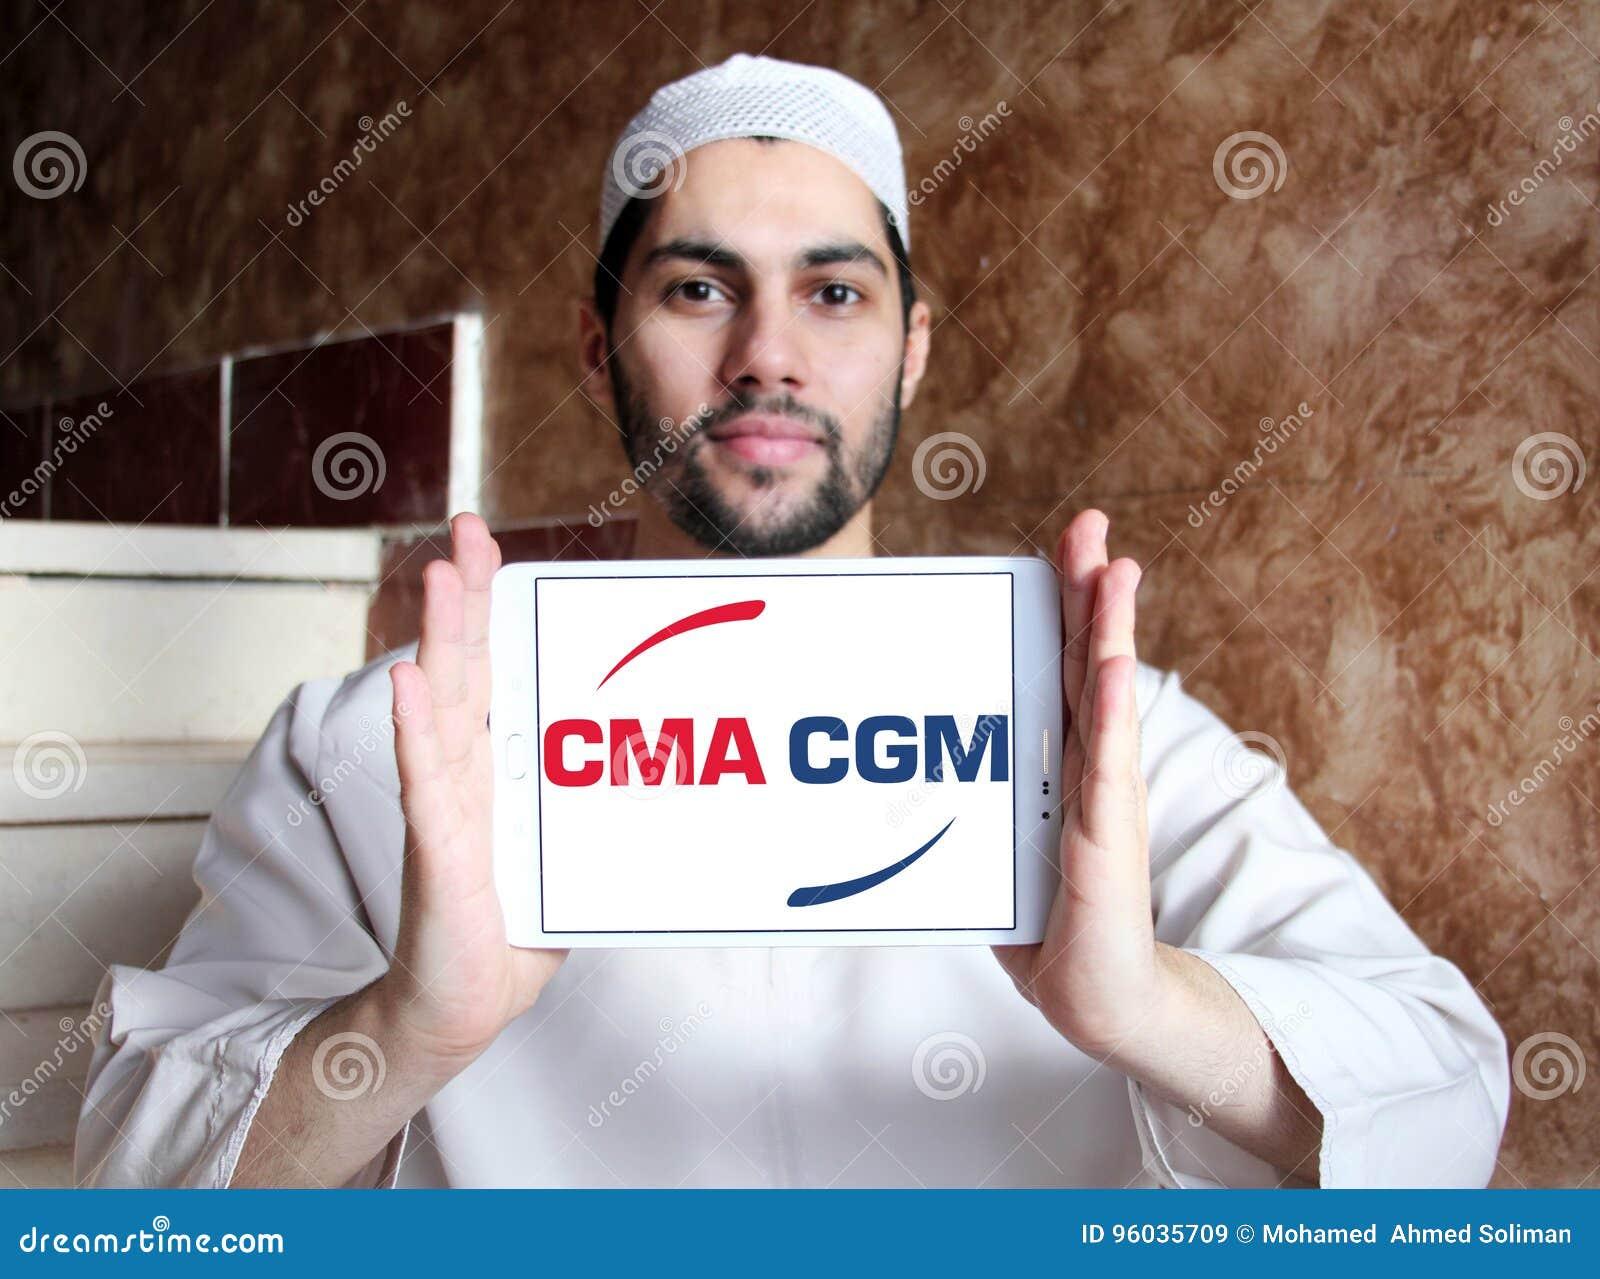 Cma cgm towarzystwa żeglugowe logo